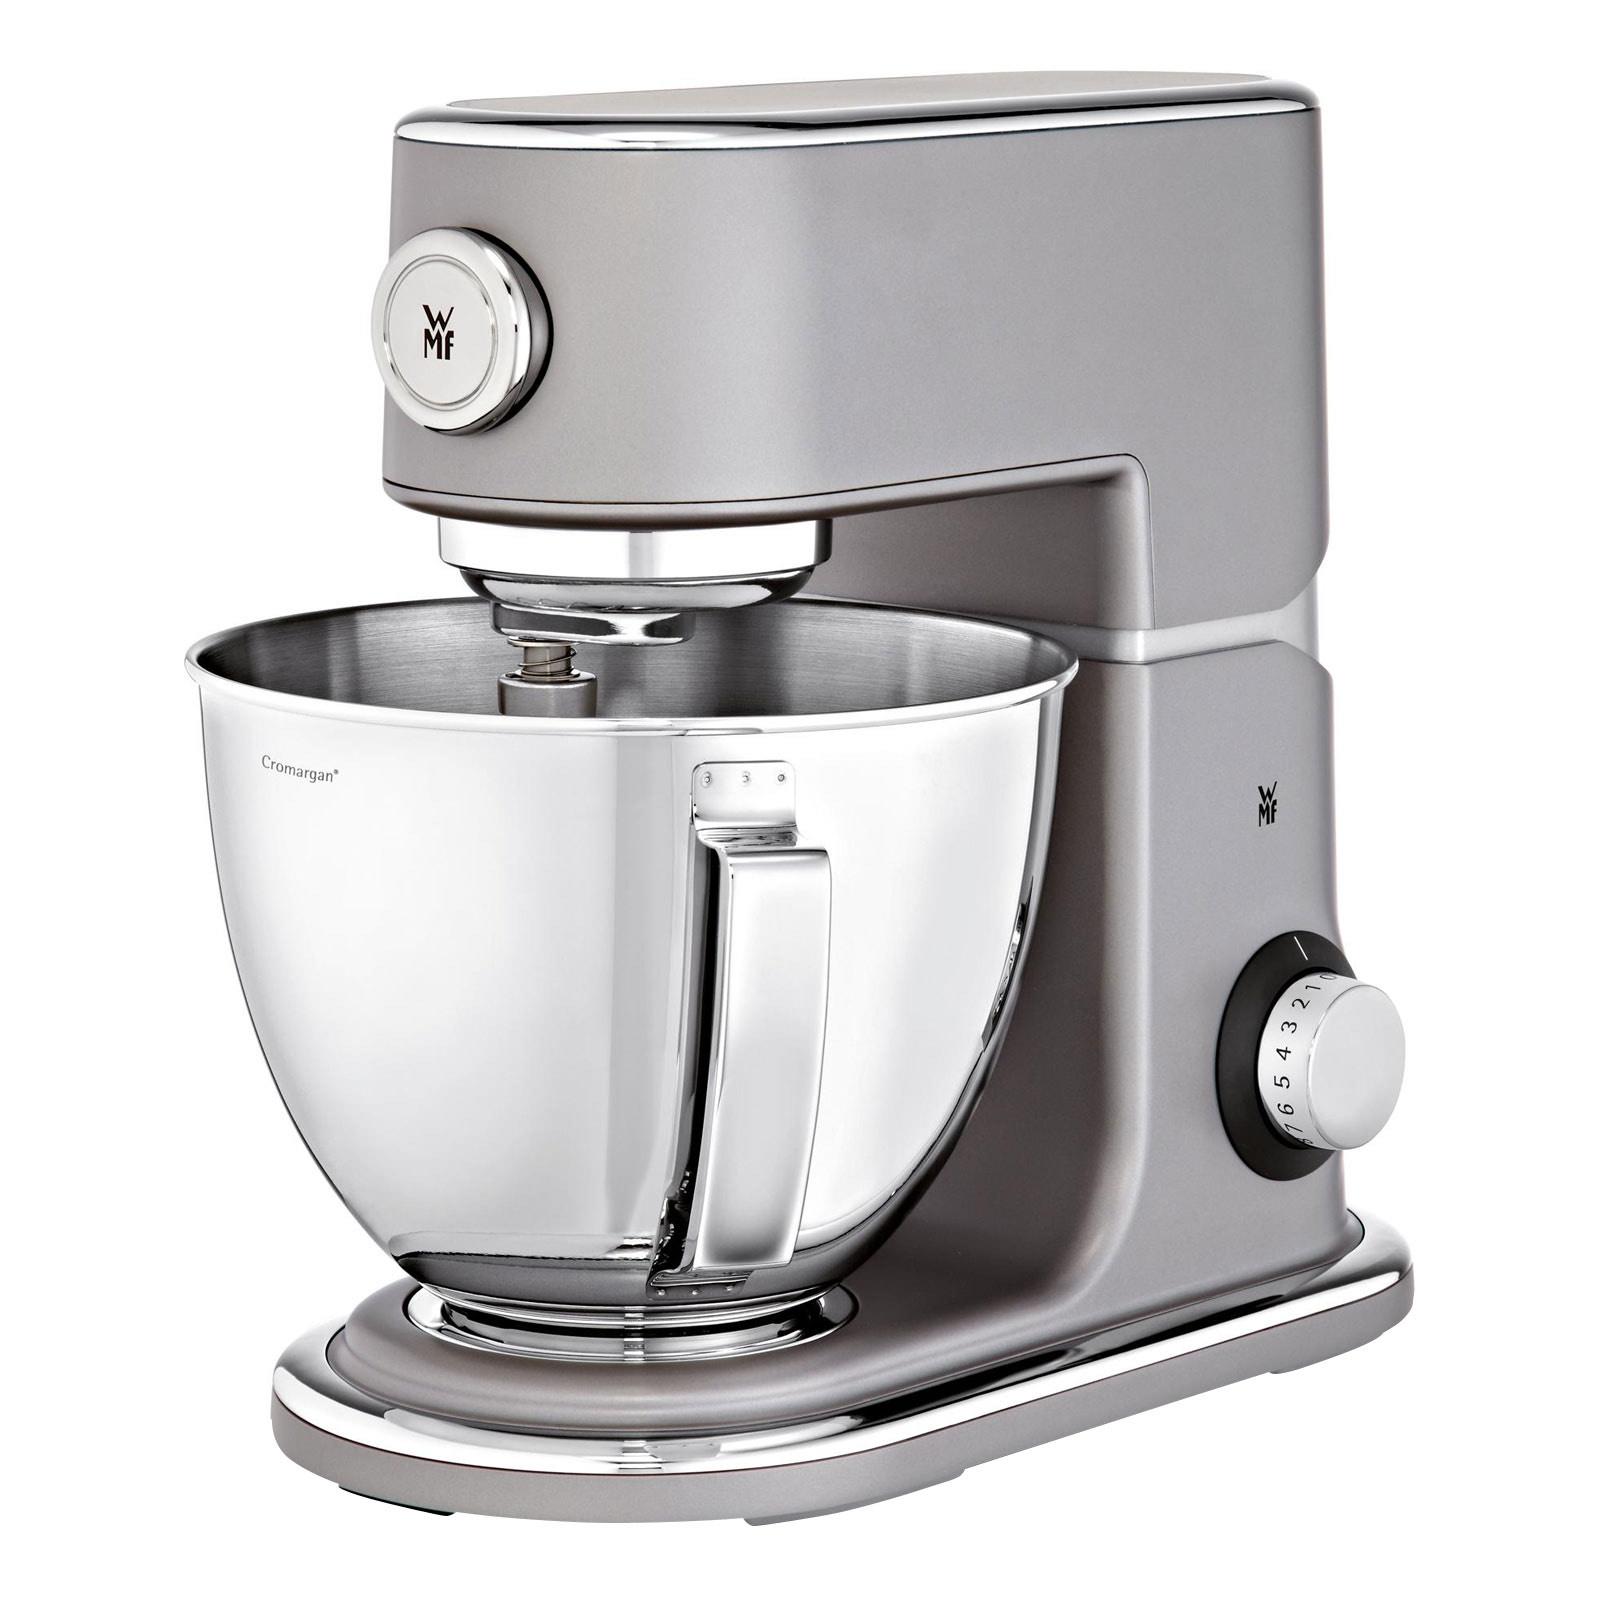 WMF Profi Plus Küchenmaschine in grau oder weiß